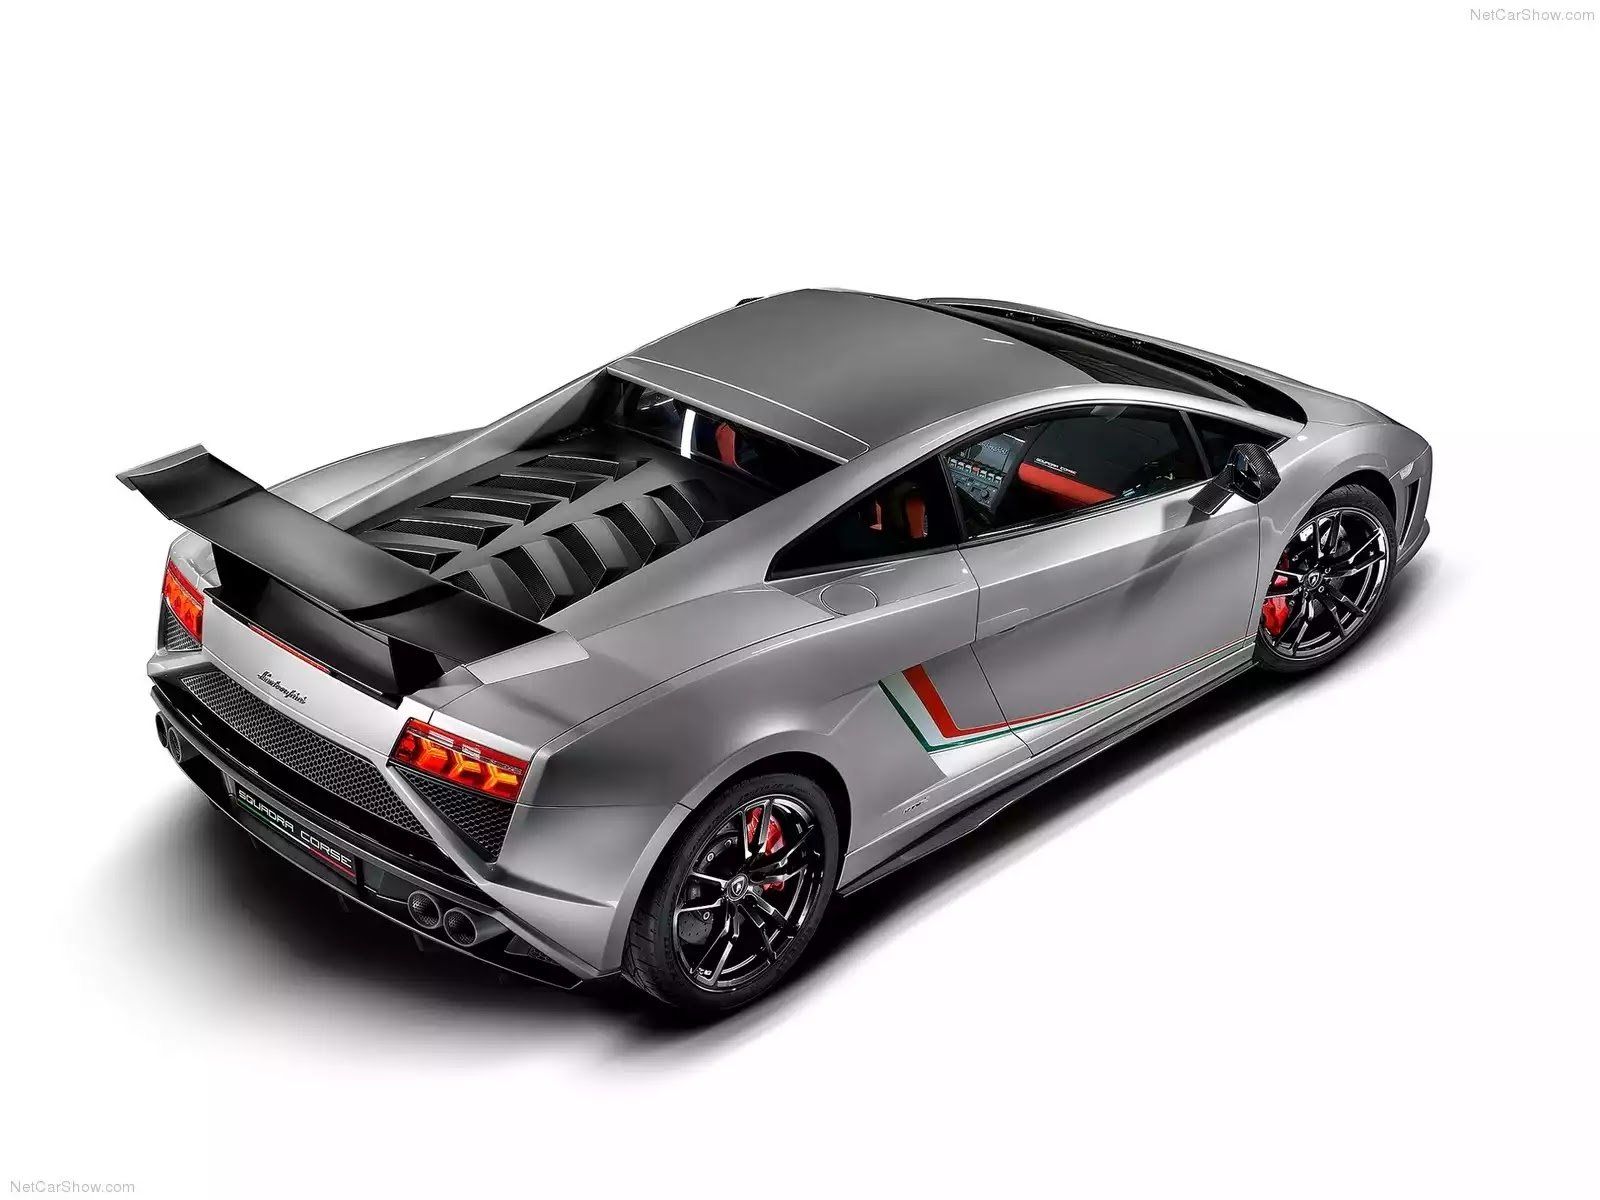 Hình ảnh siêu xe Lamborghini Gallardo LP570-4 Squadra Corse 2014 & nội ngoại thất